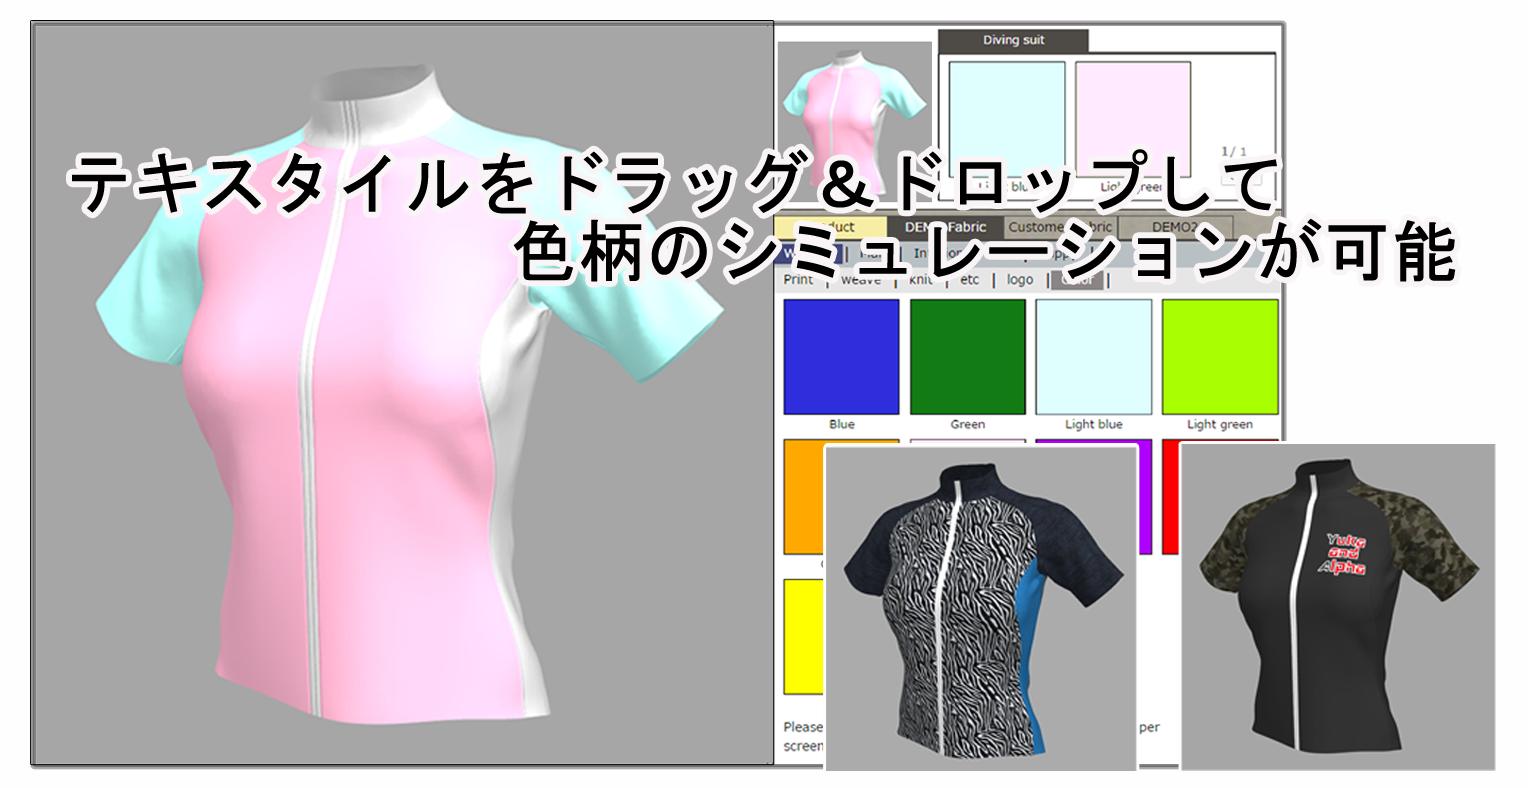 テキスタイルの色柄のシミュレーションが容易に可能